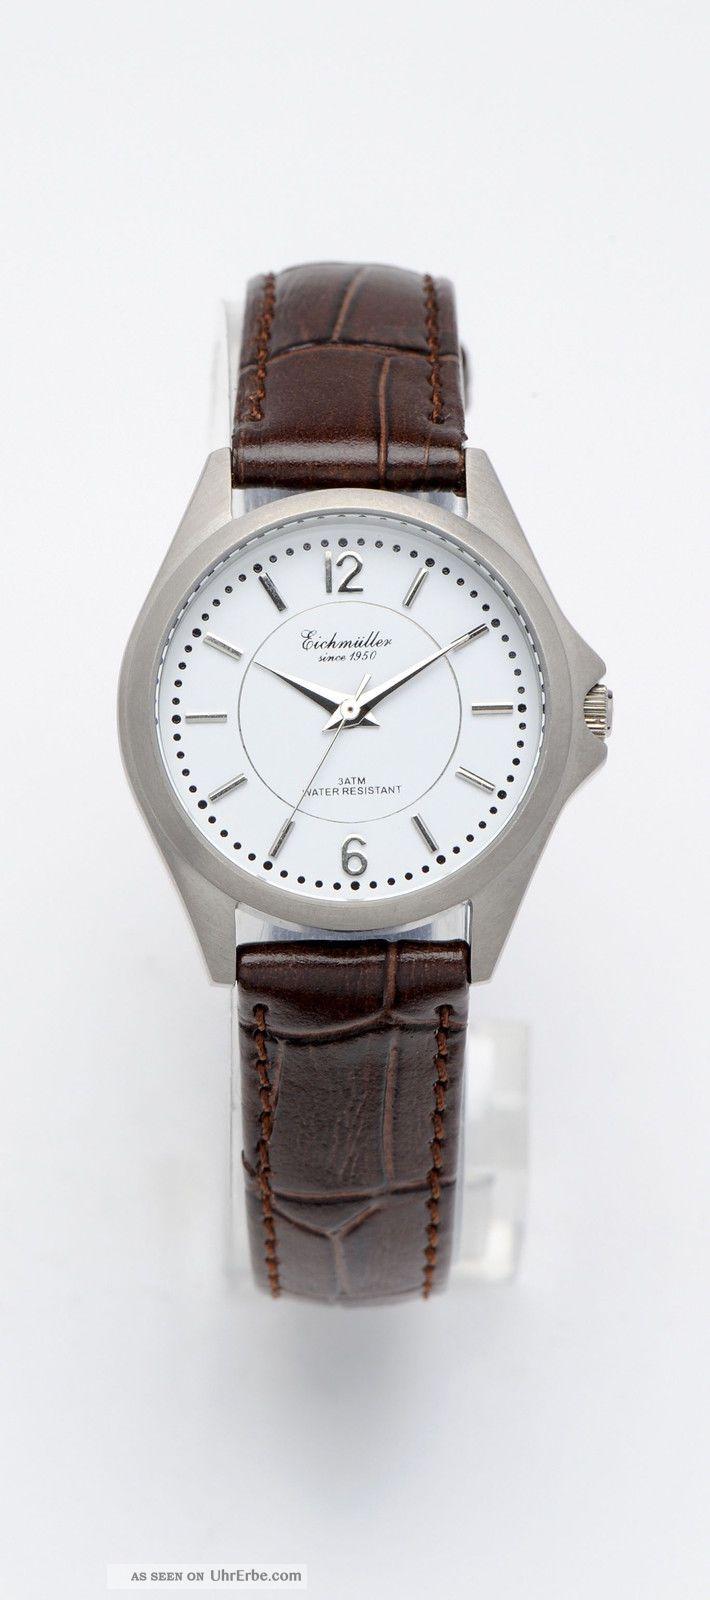 Elegante Eichmüller Titan Damenuhr Braunes Lederband Schlichte Eleganz Armbanduhren Bild